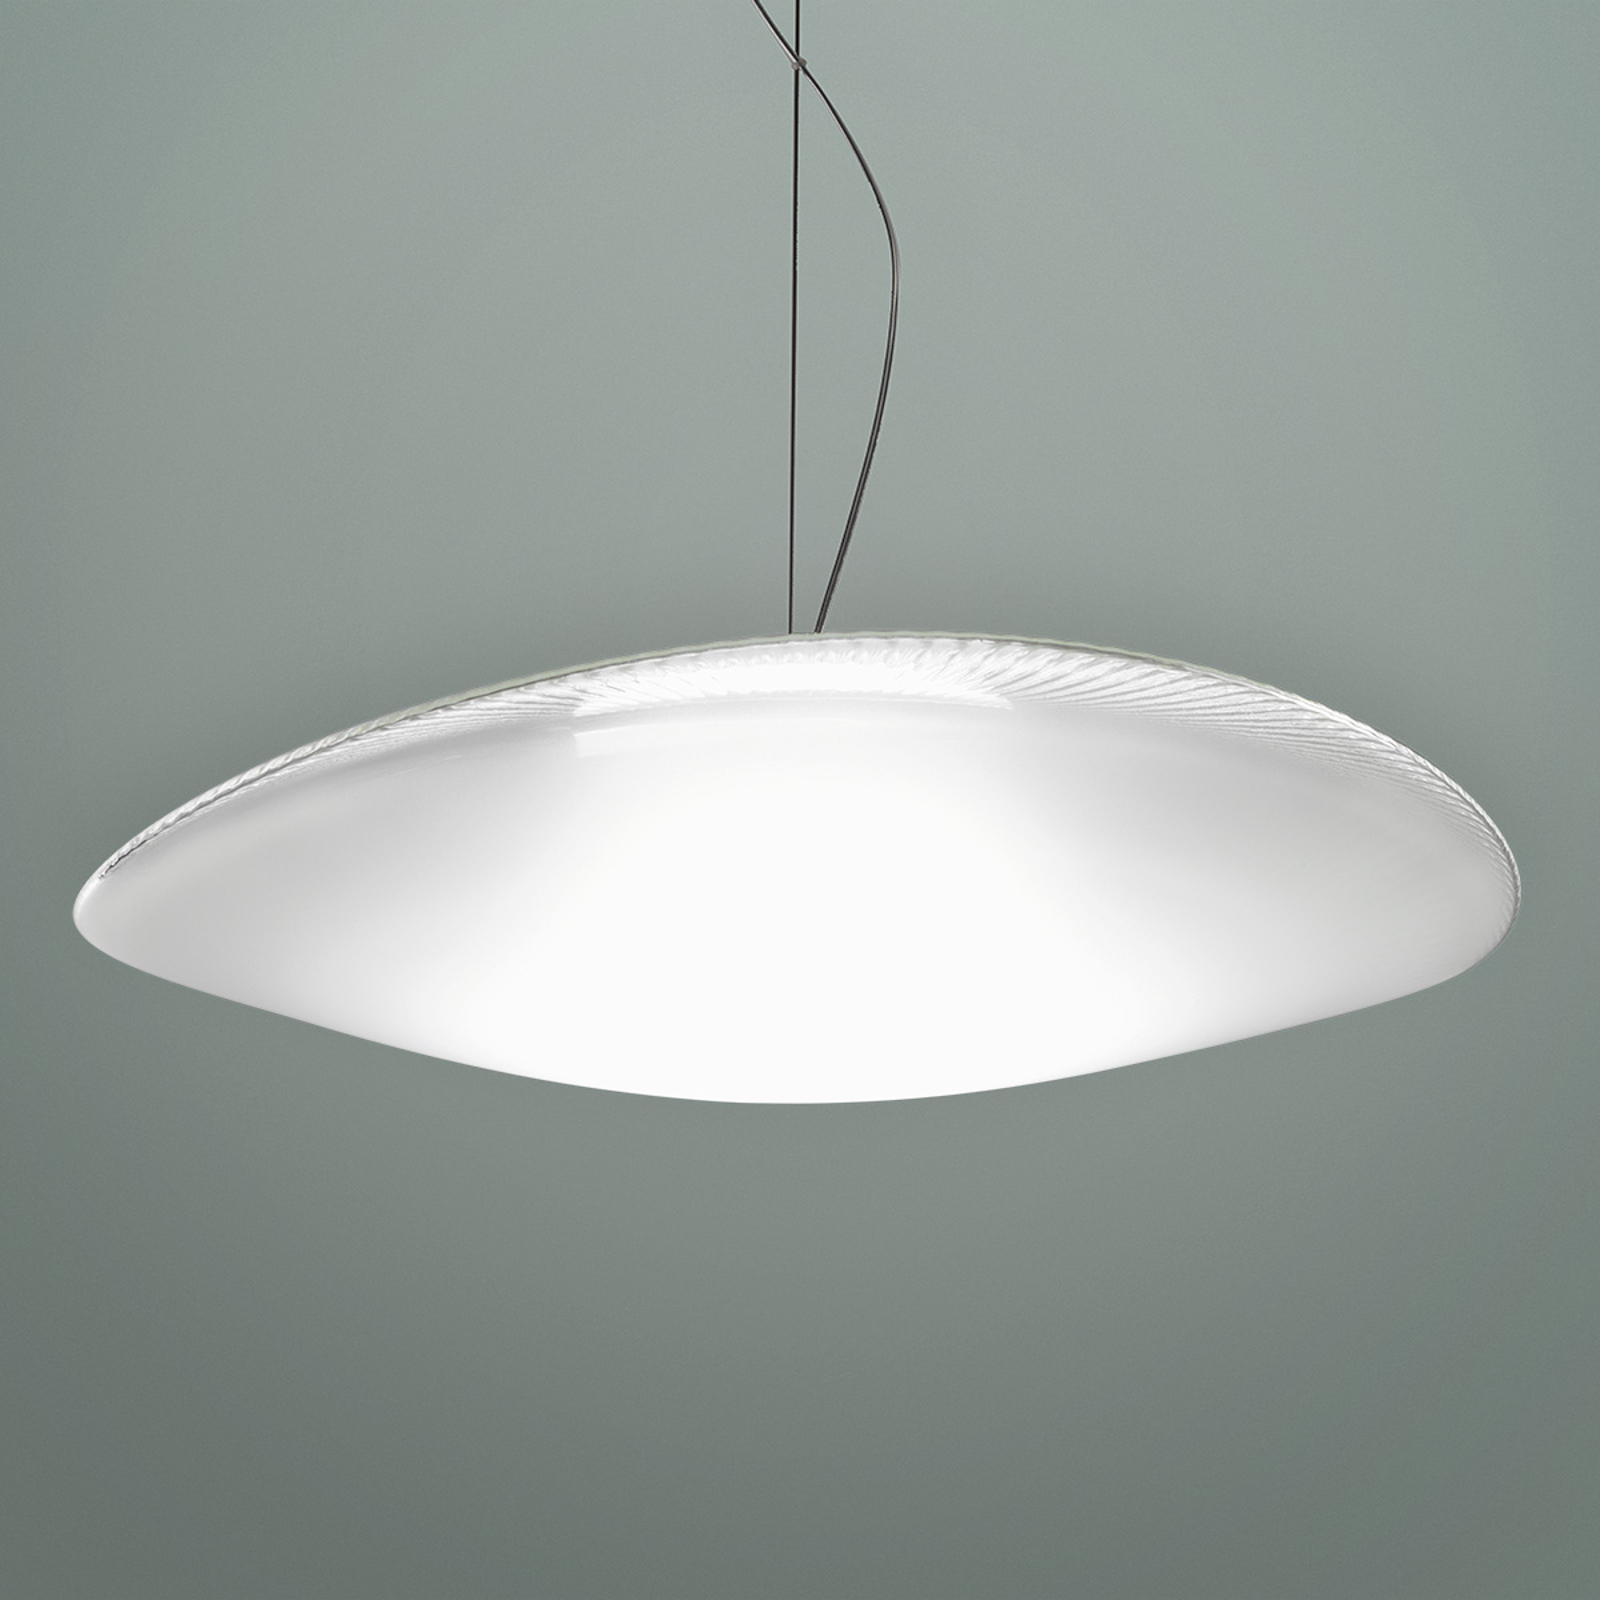 Fabbian Loop - LED-hængelampe i glas, 3000K